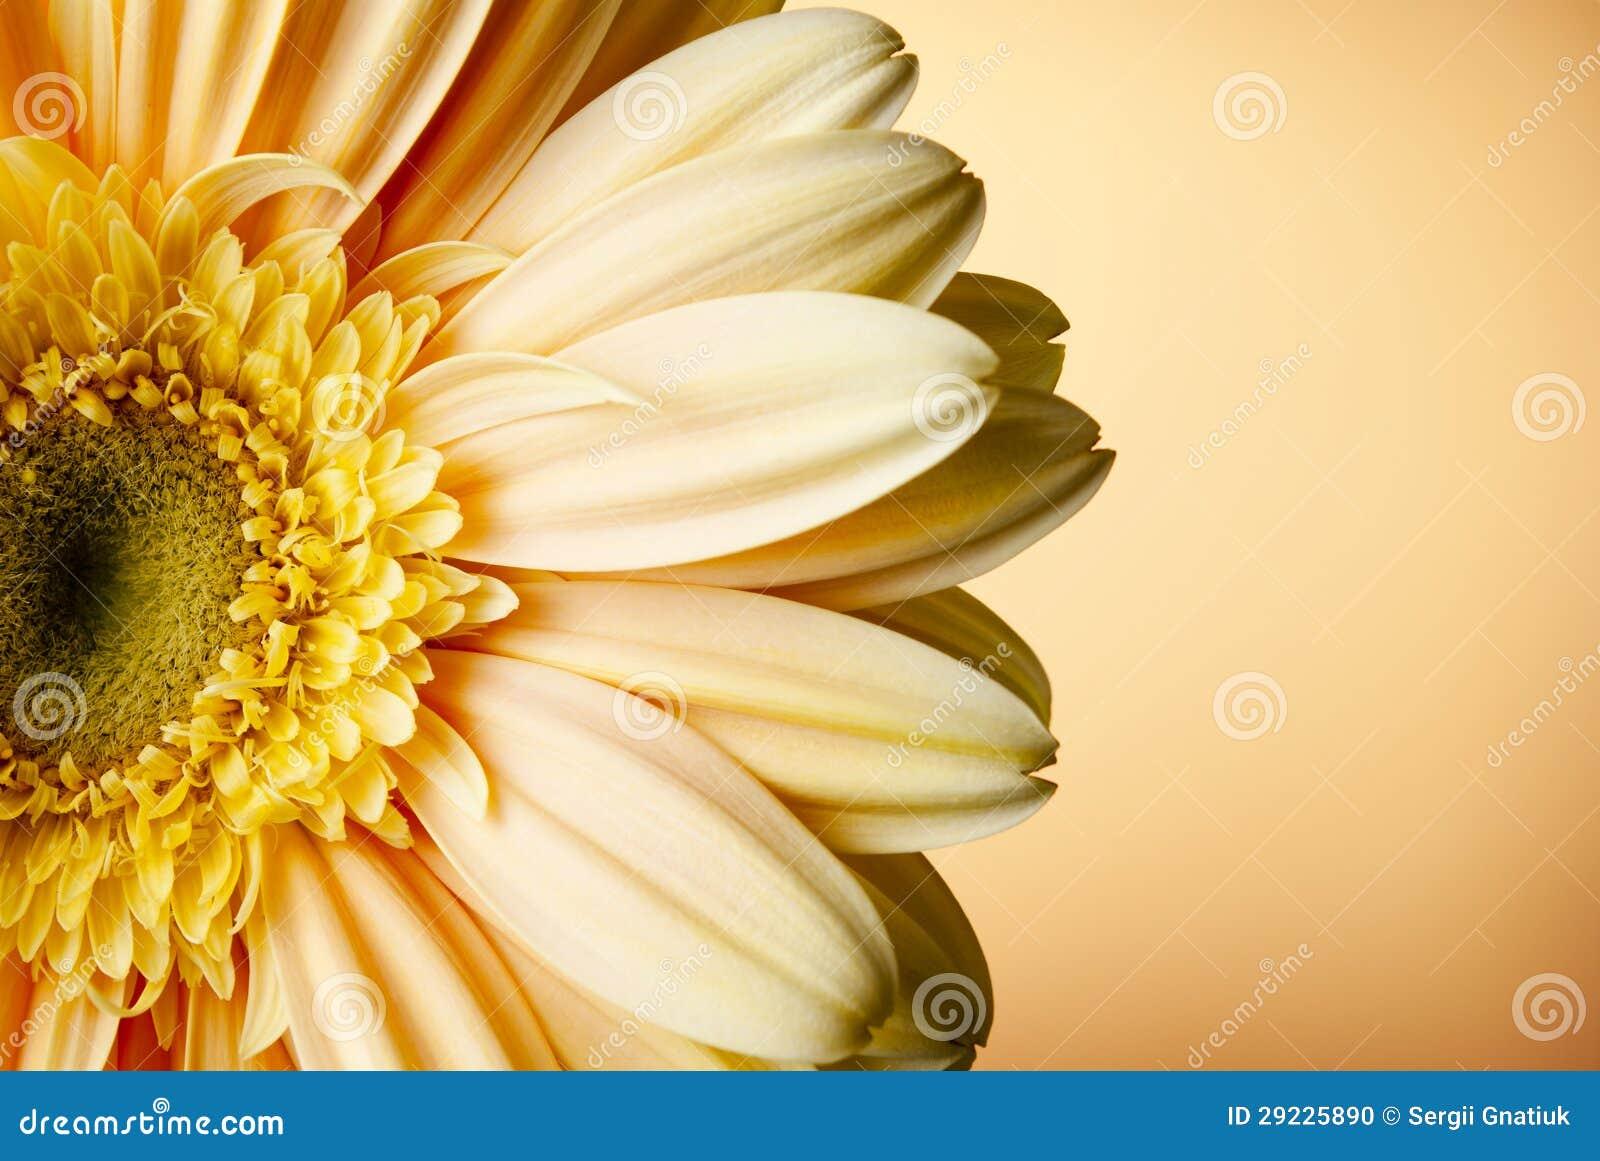 Download Flor amarela do gerbera foto de stock. Imagem de decoração - 29225890